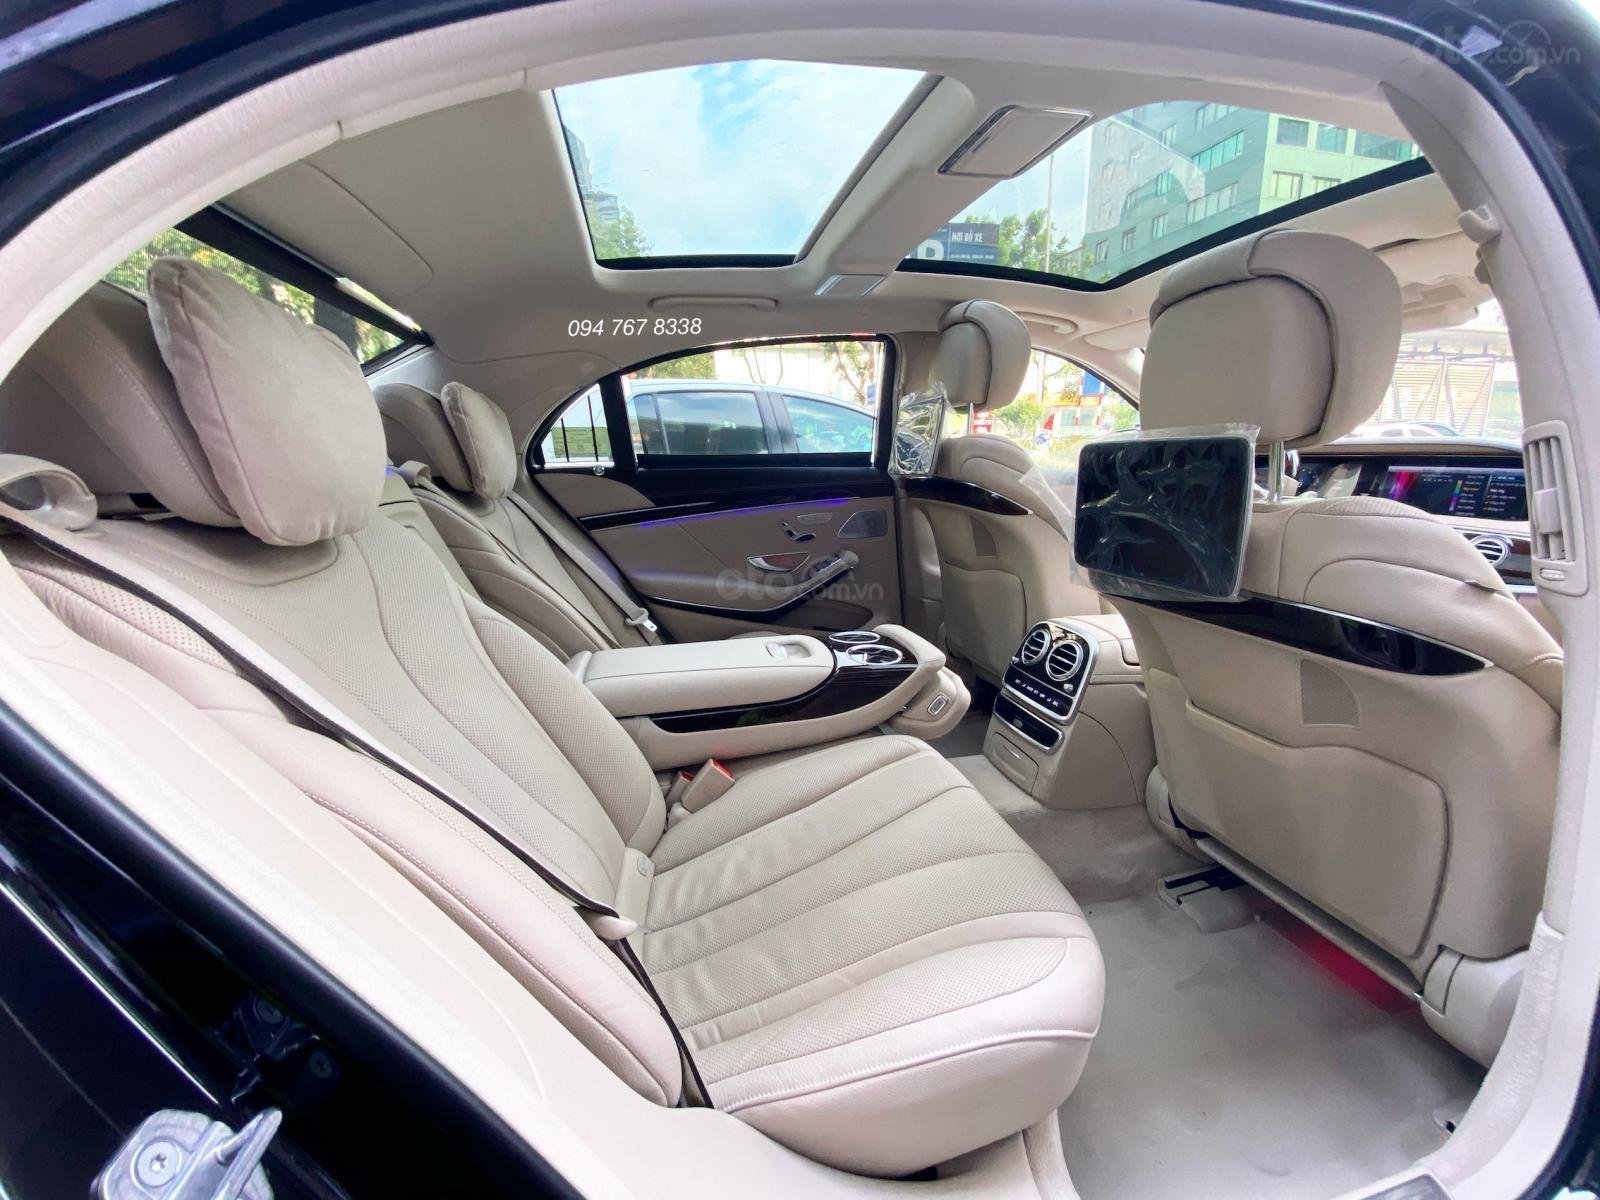 Bán Mercedes S450L 2020 đen, nội thất kem siêu lướt, chính chủ, biển đẹp rẻ hơn mua mới 650tr (9)